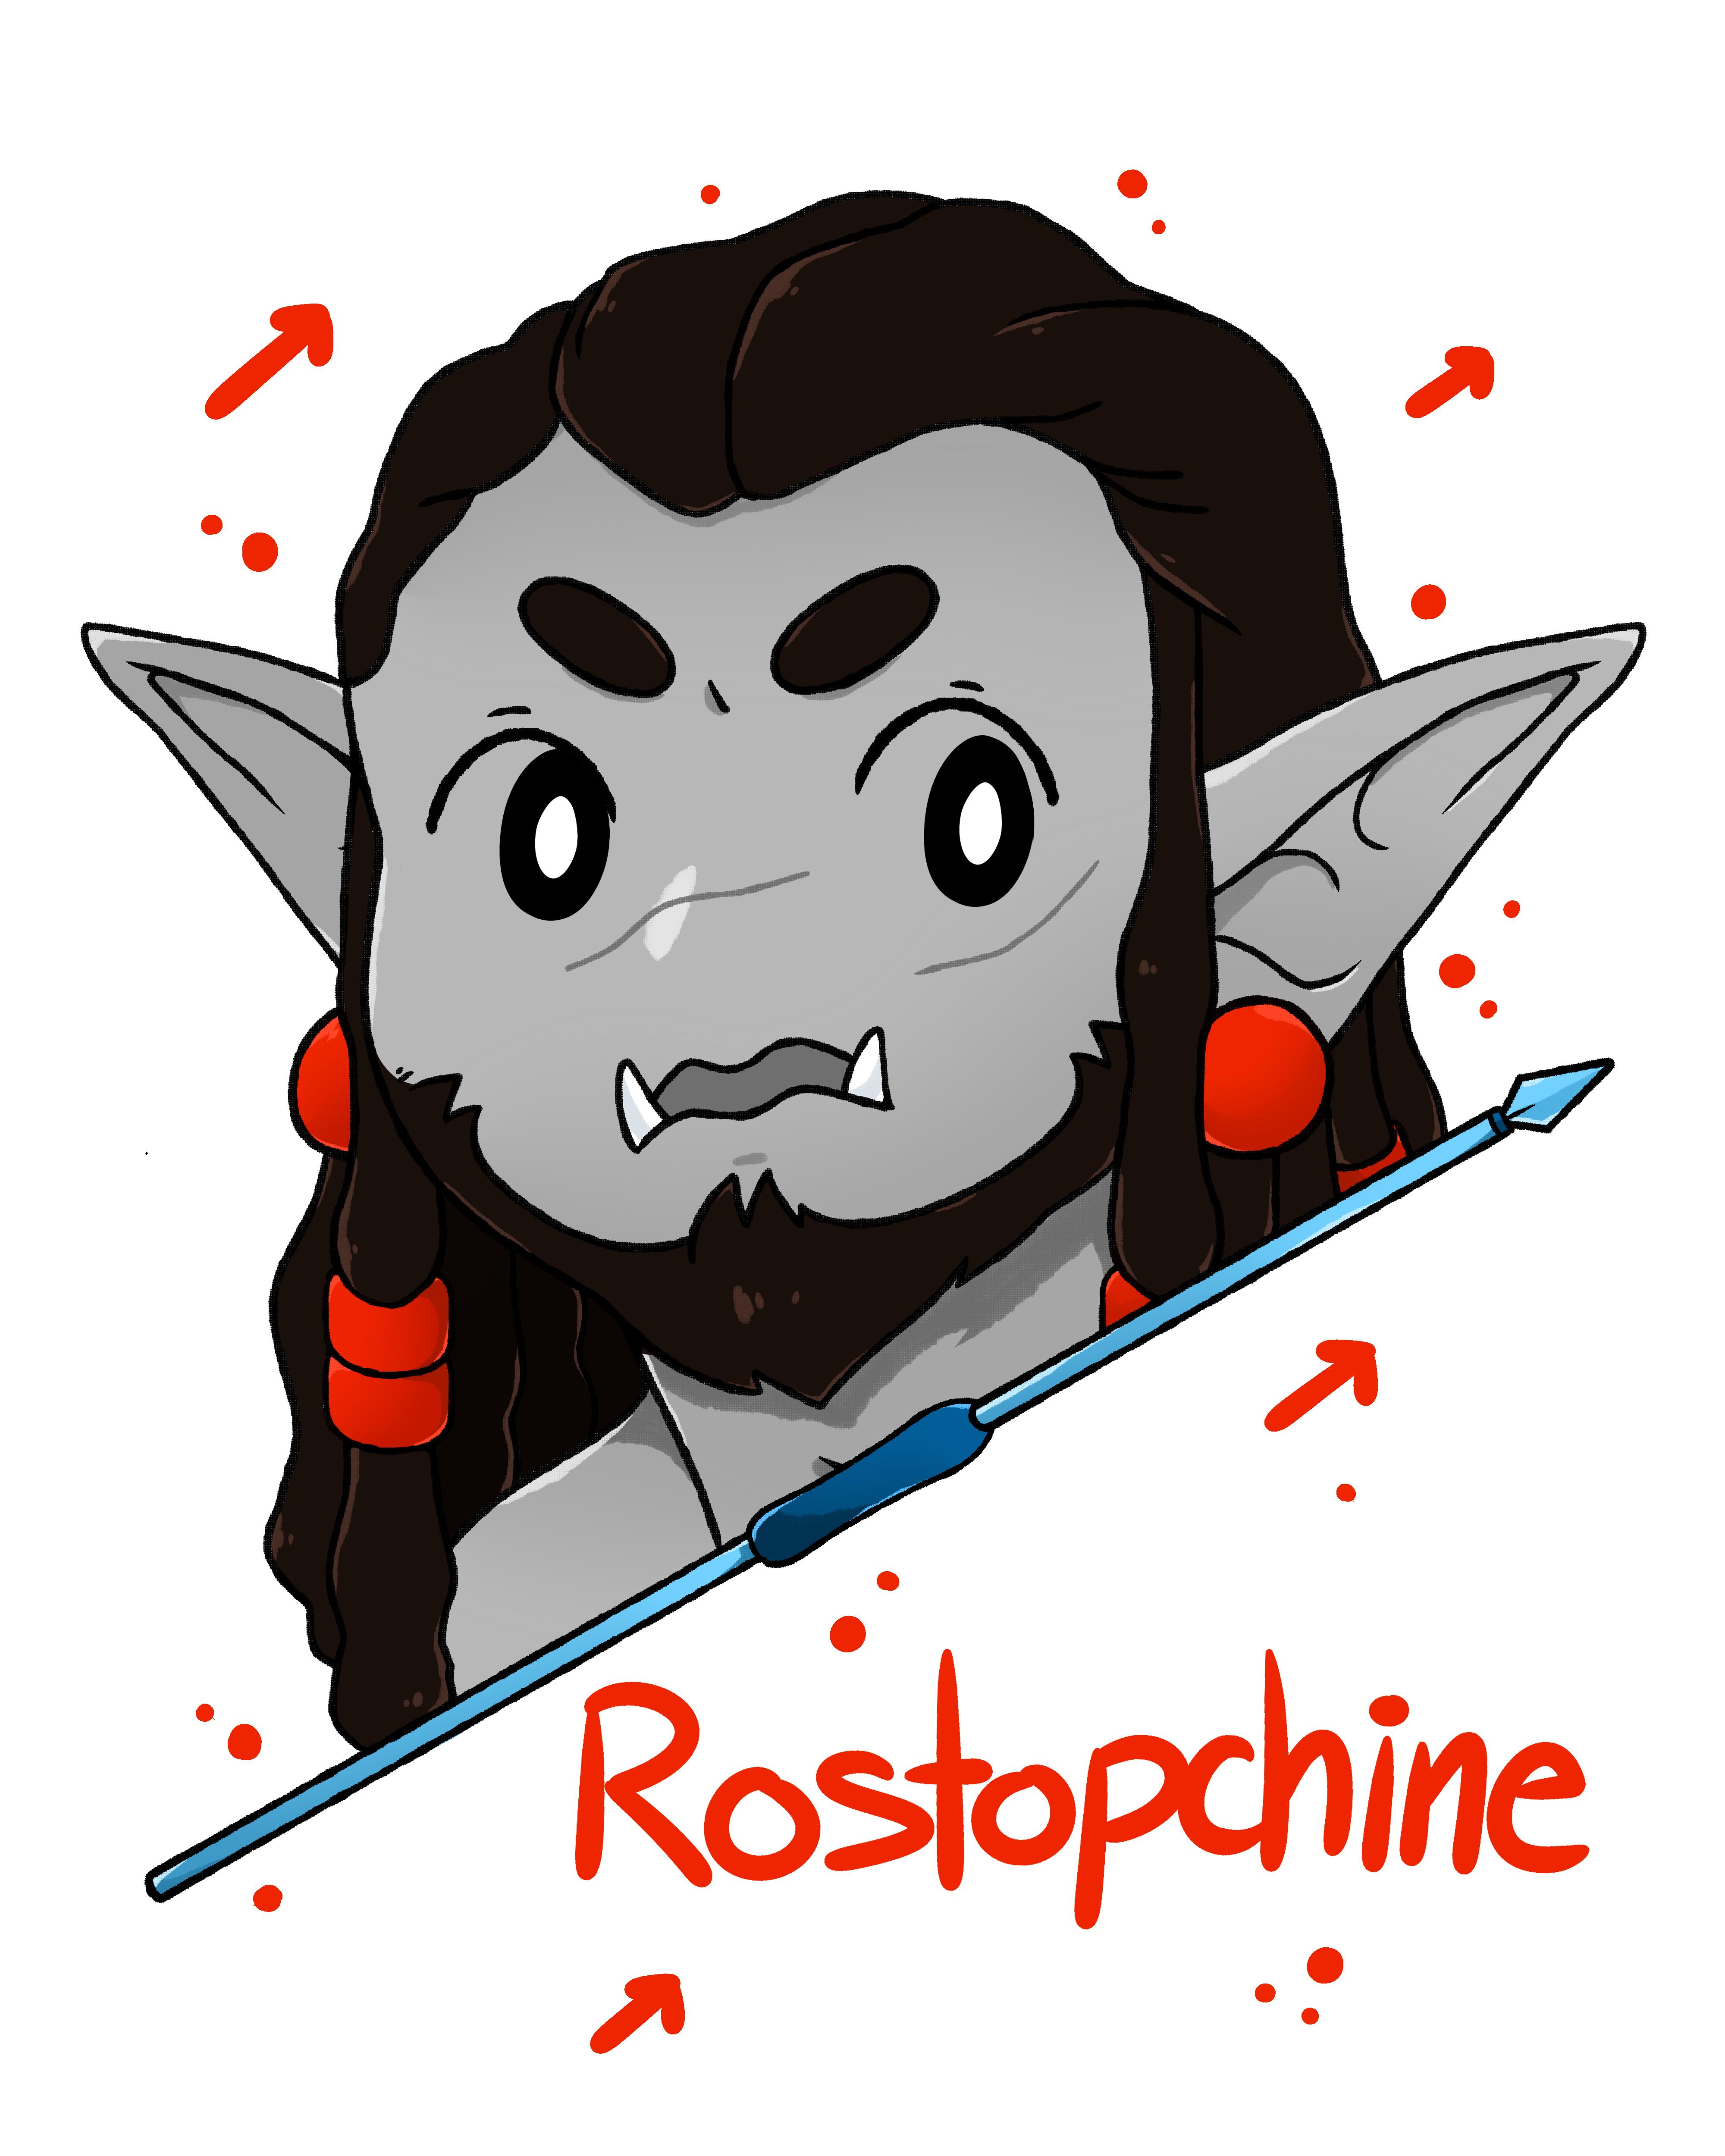 Rostopchine